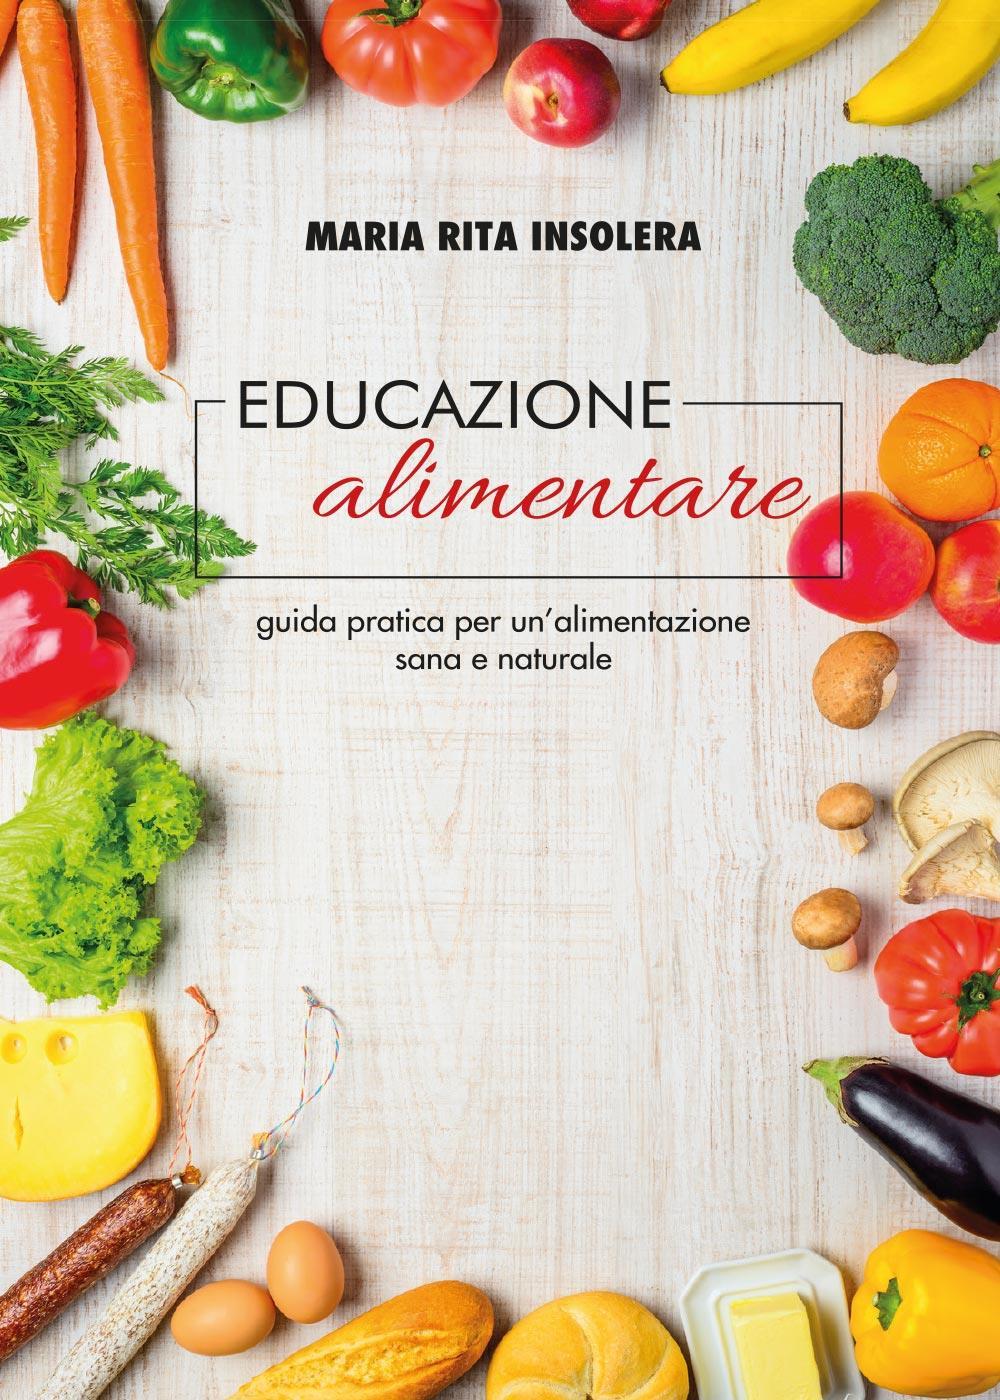 Educazione alimentare - guida pratica per un'alimentazione sana e naturale